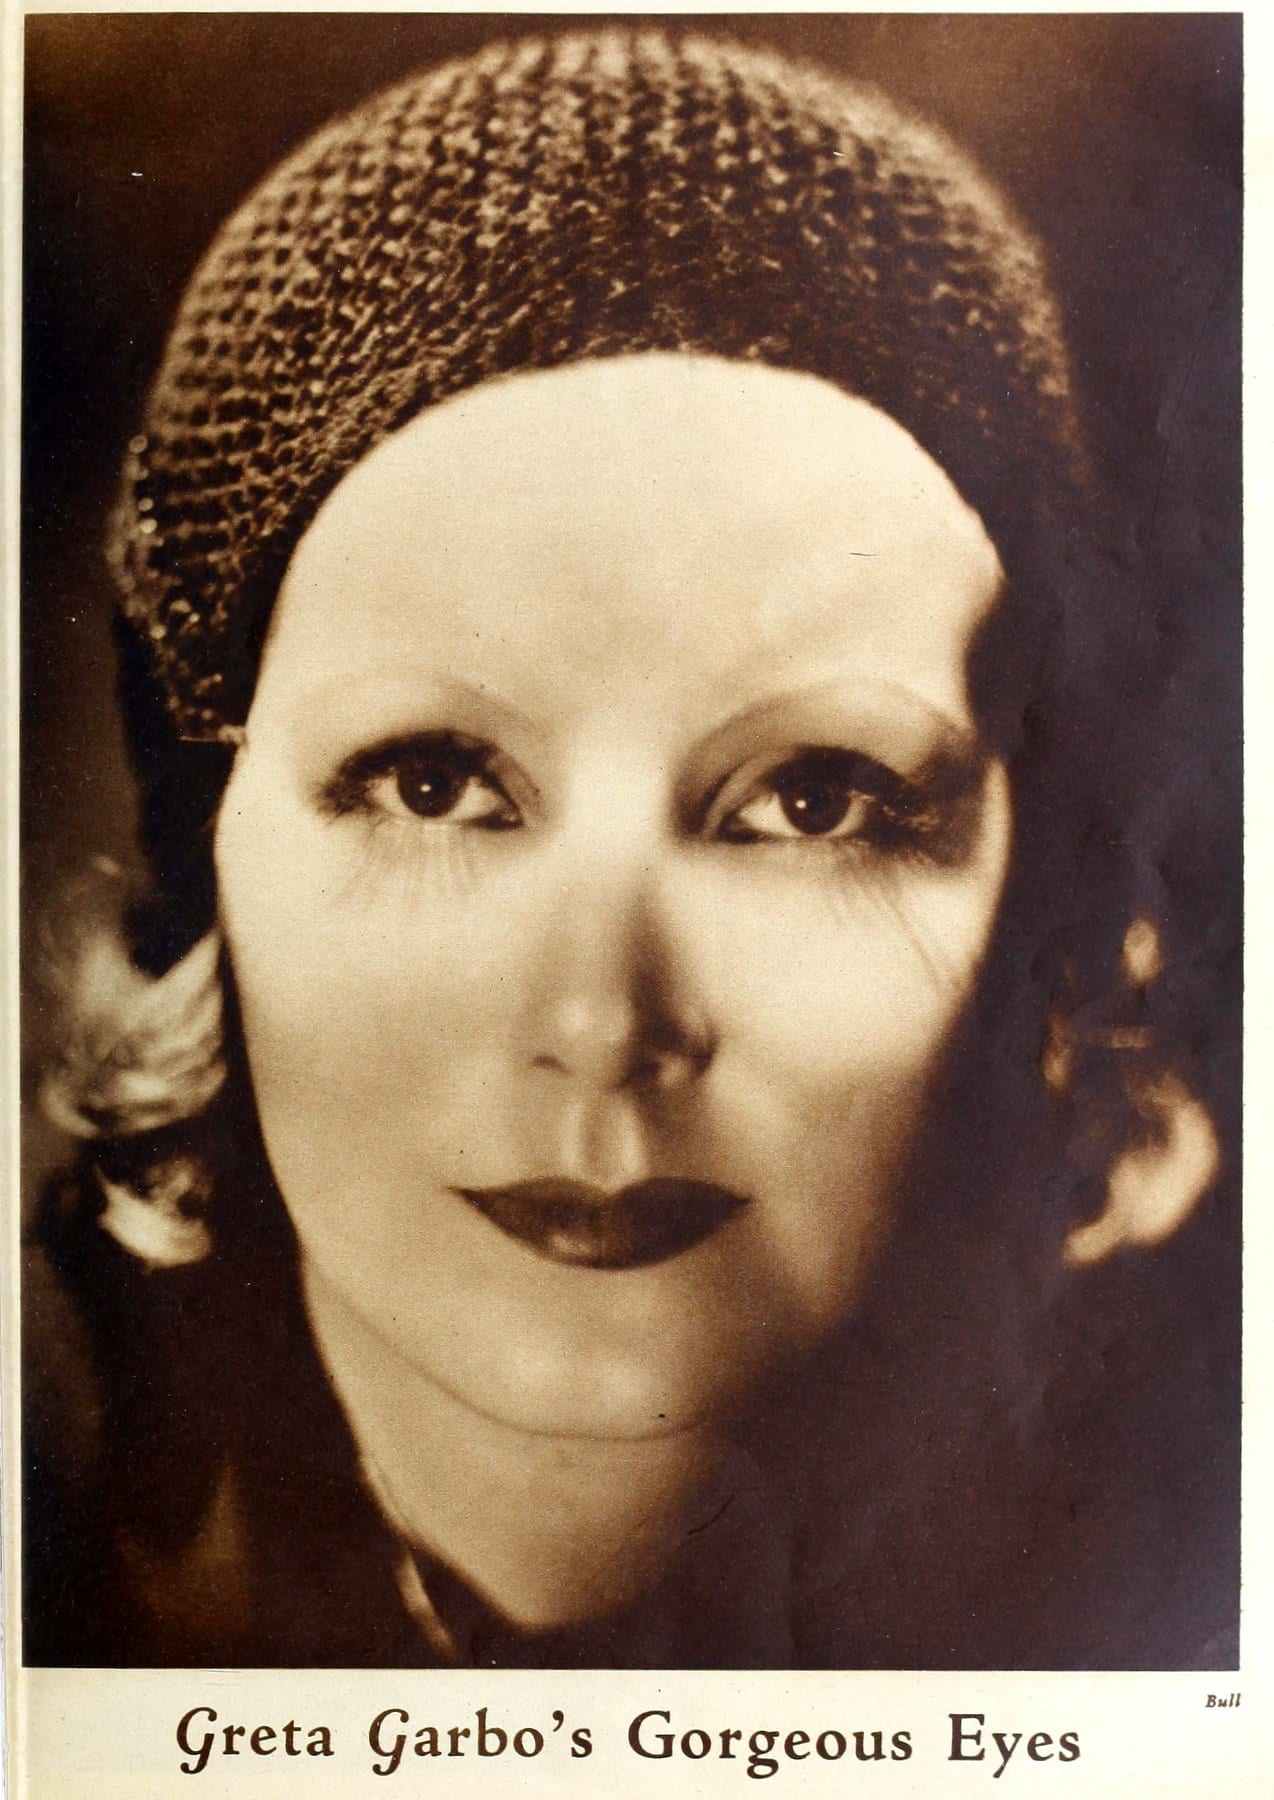 Greta Garbo's gorgeous eyes (1931)